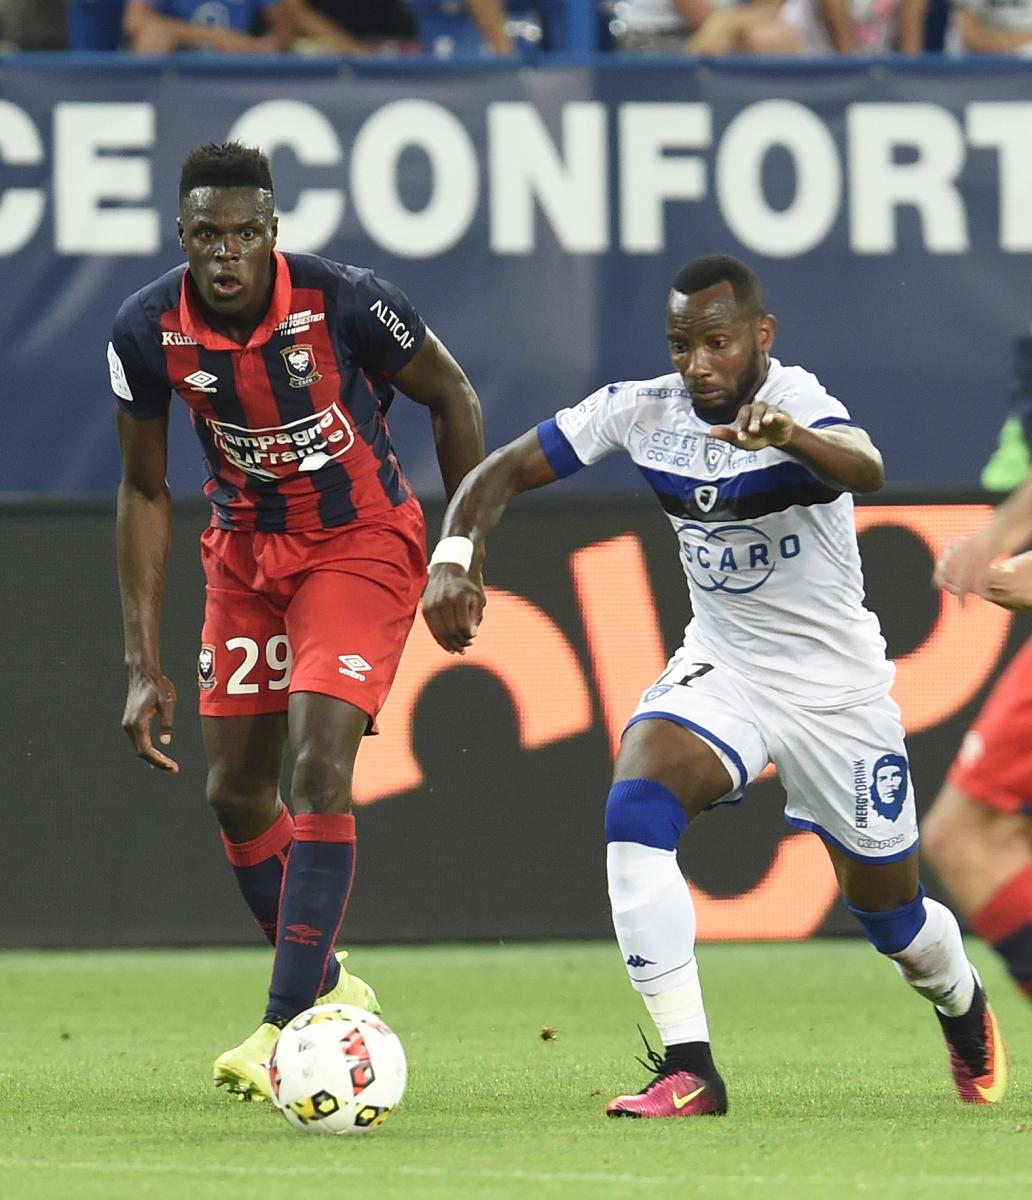 [22e journée de L1] SC Bastia 1-1 SM Caen  Genevois_nangis_2_0